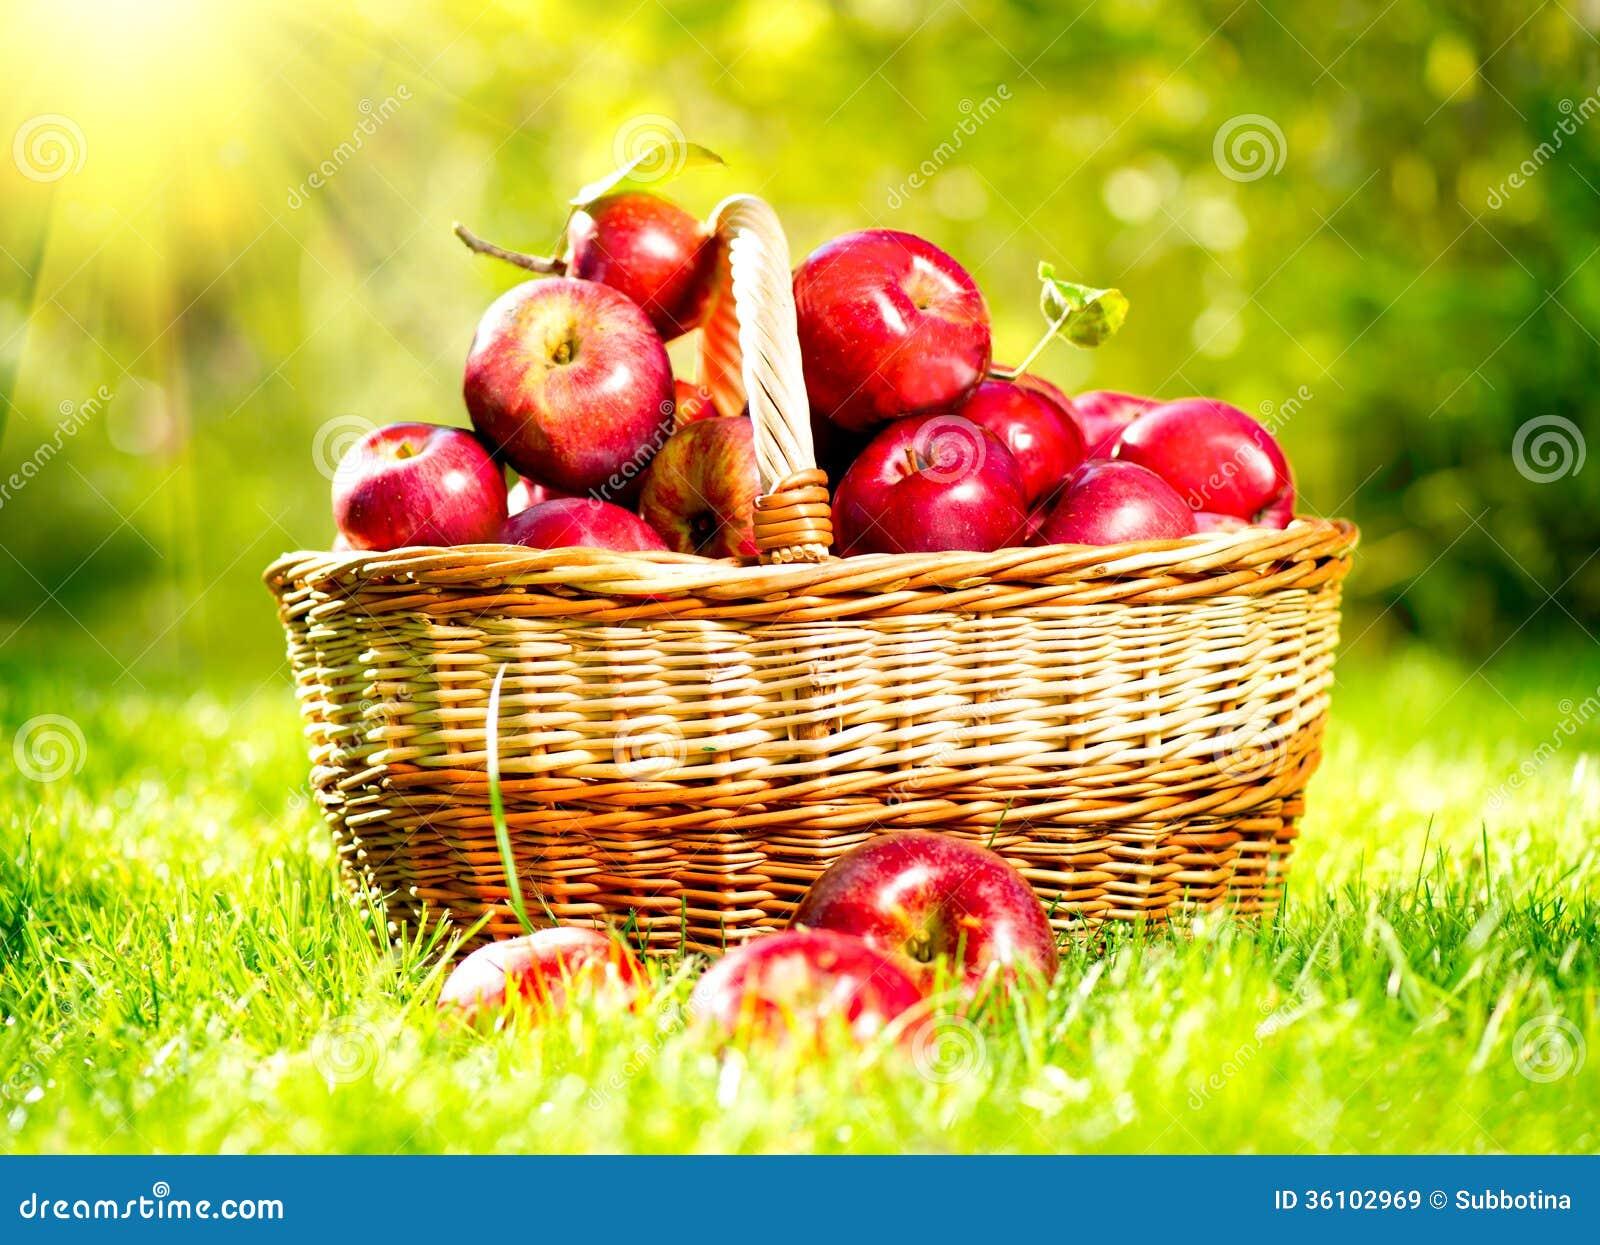 pommes dans un panier image stock image du frais pommes 36102969. Black Bedroom Furniture Sets. Home Design Ideas